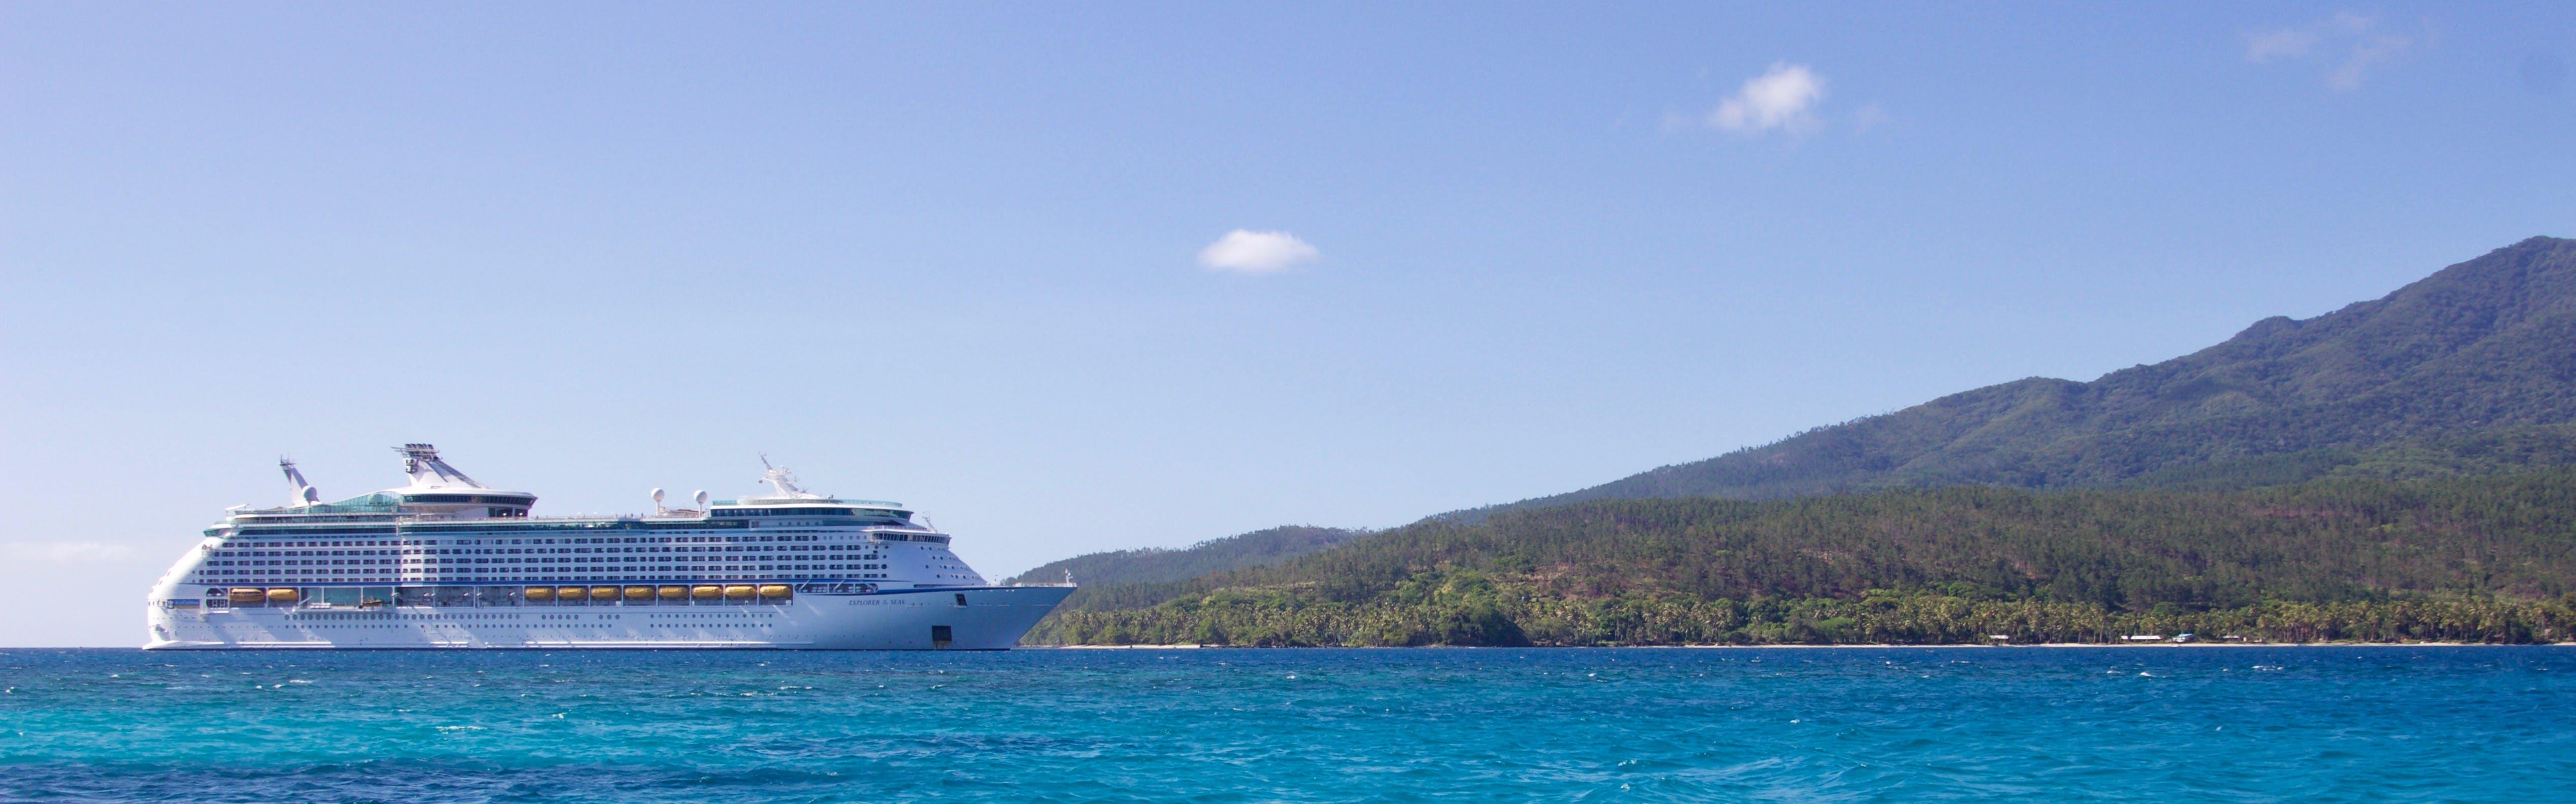 White Cruise Ship Near Island